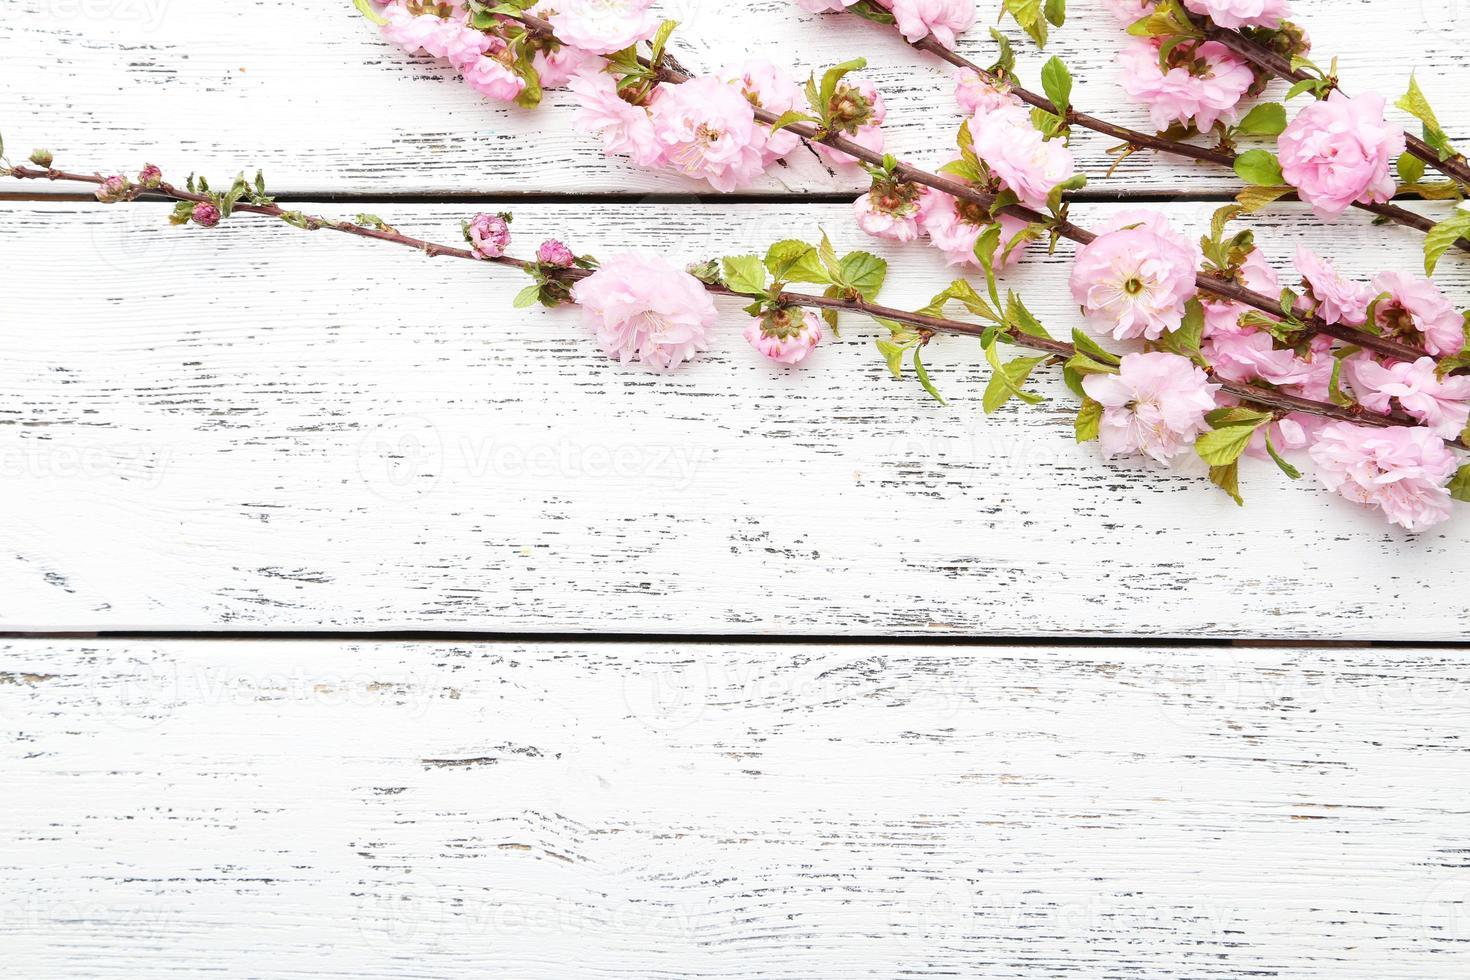 vårblommande gren på vit träbakgrund foto